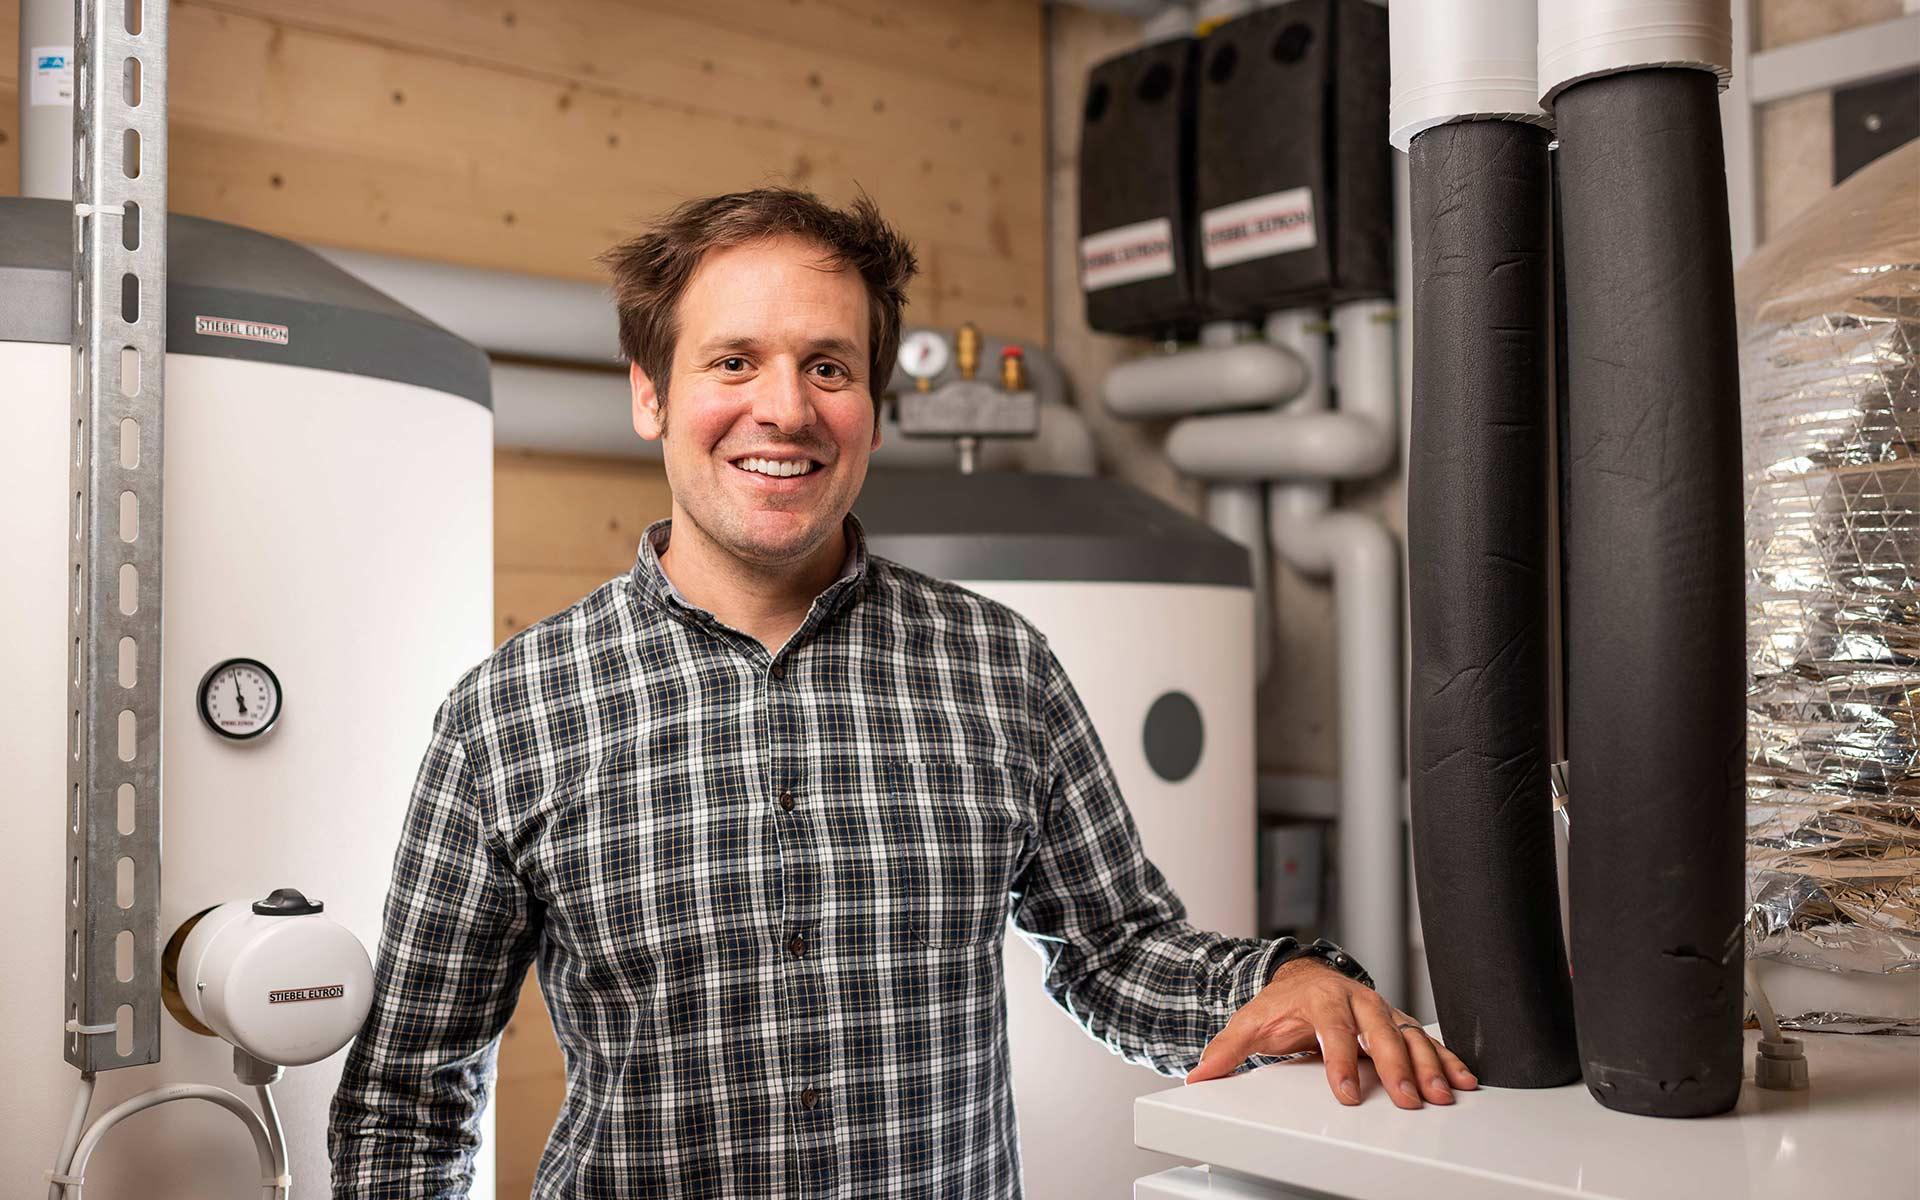 In seinem Haus in Fiesch heizt Daniel Albrecht mit einer umweltfreundlichen Luft-Wasser-Wärmepumpe.